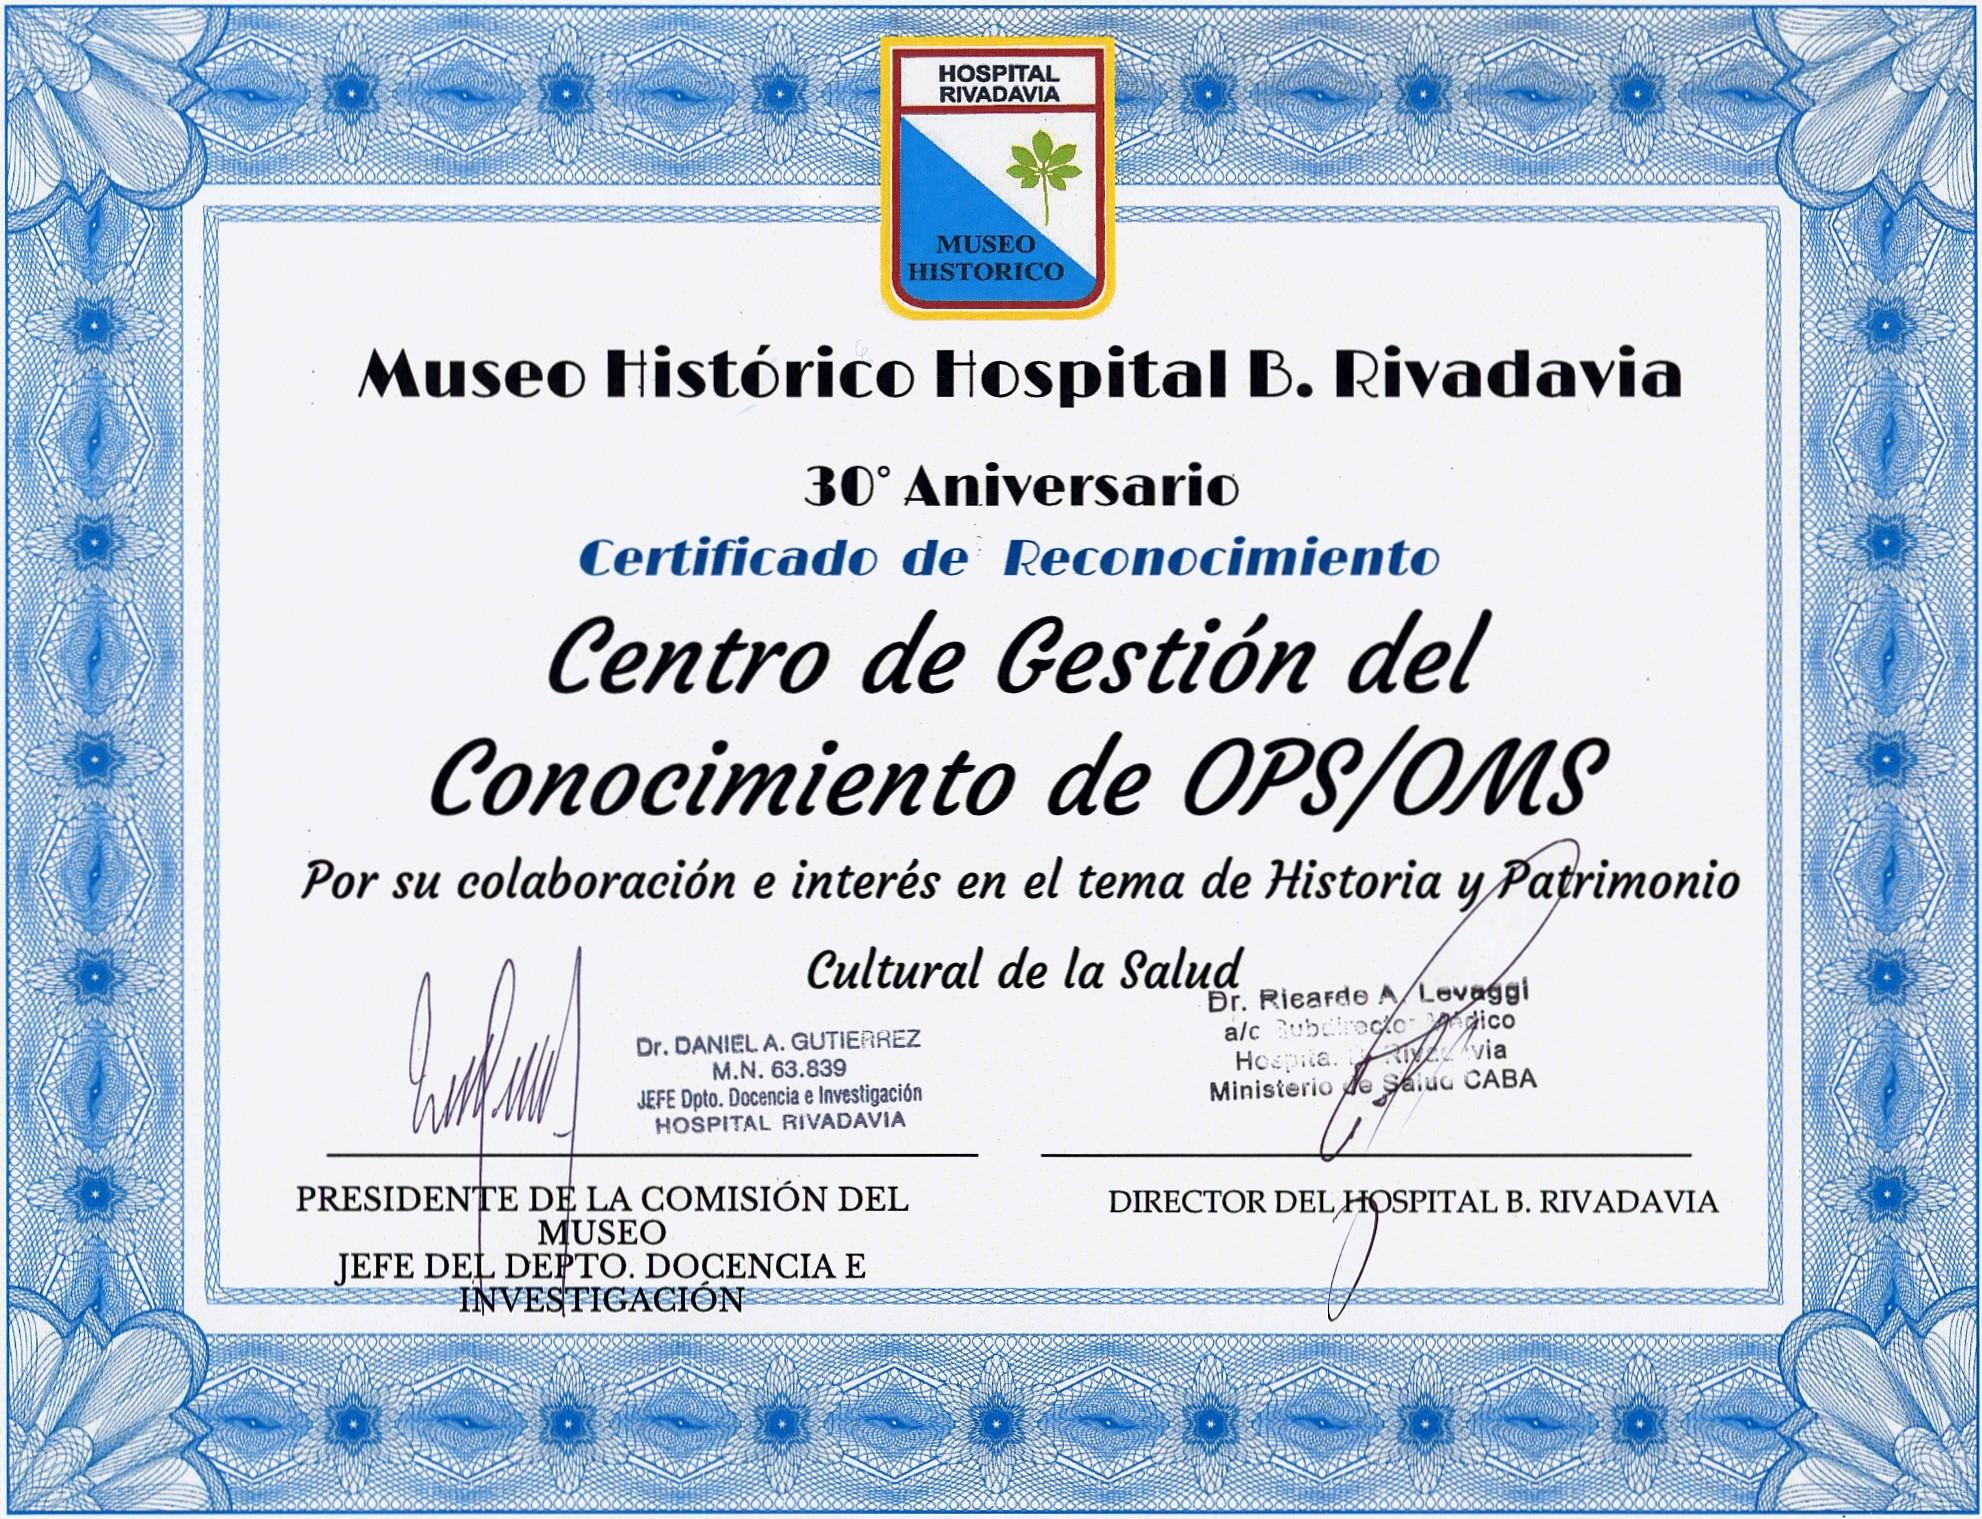 Certificados De Reconocimiento Para Editar Best Of Certificado De Reconocimiento Centro De Gestión Del